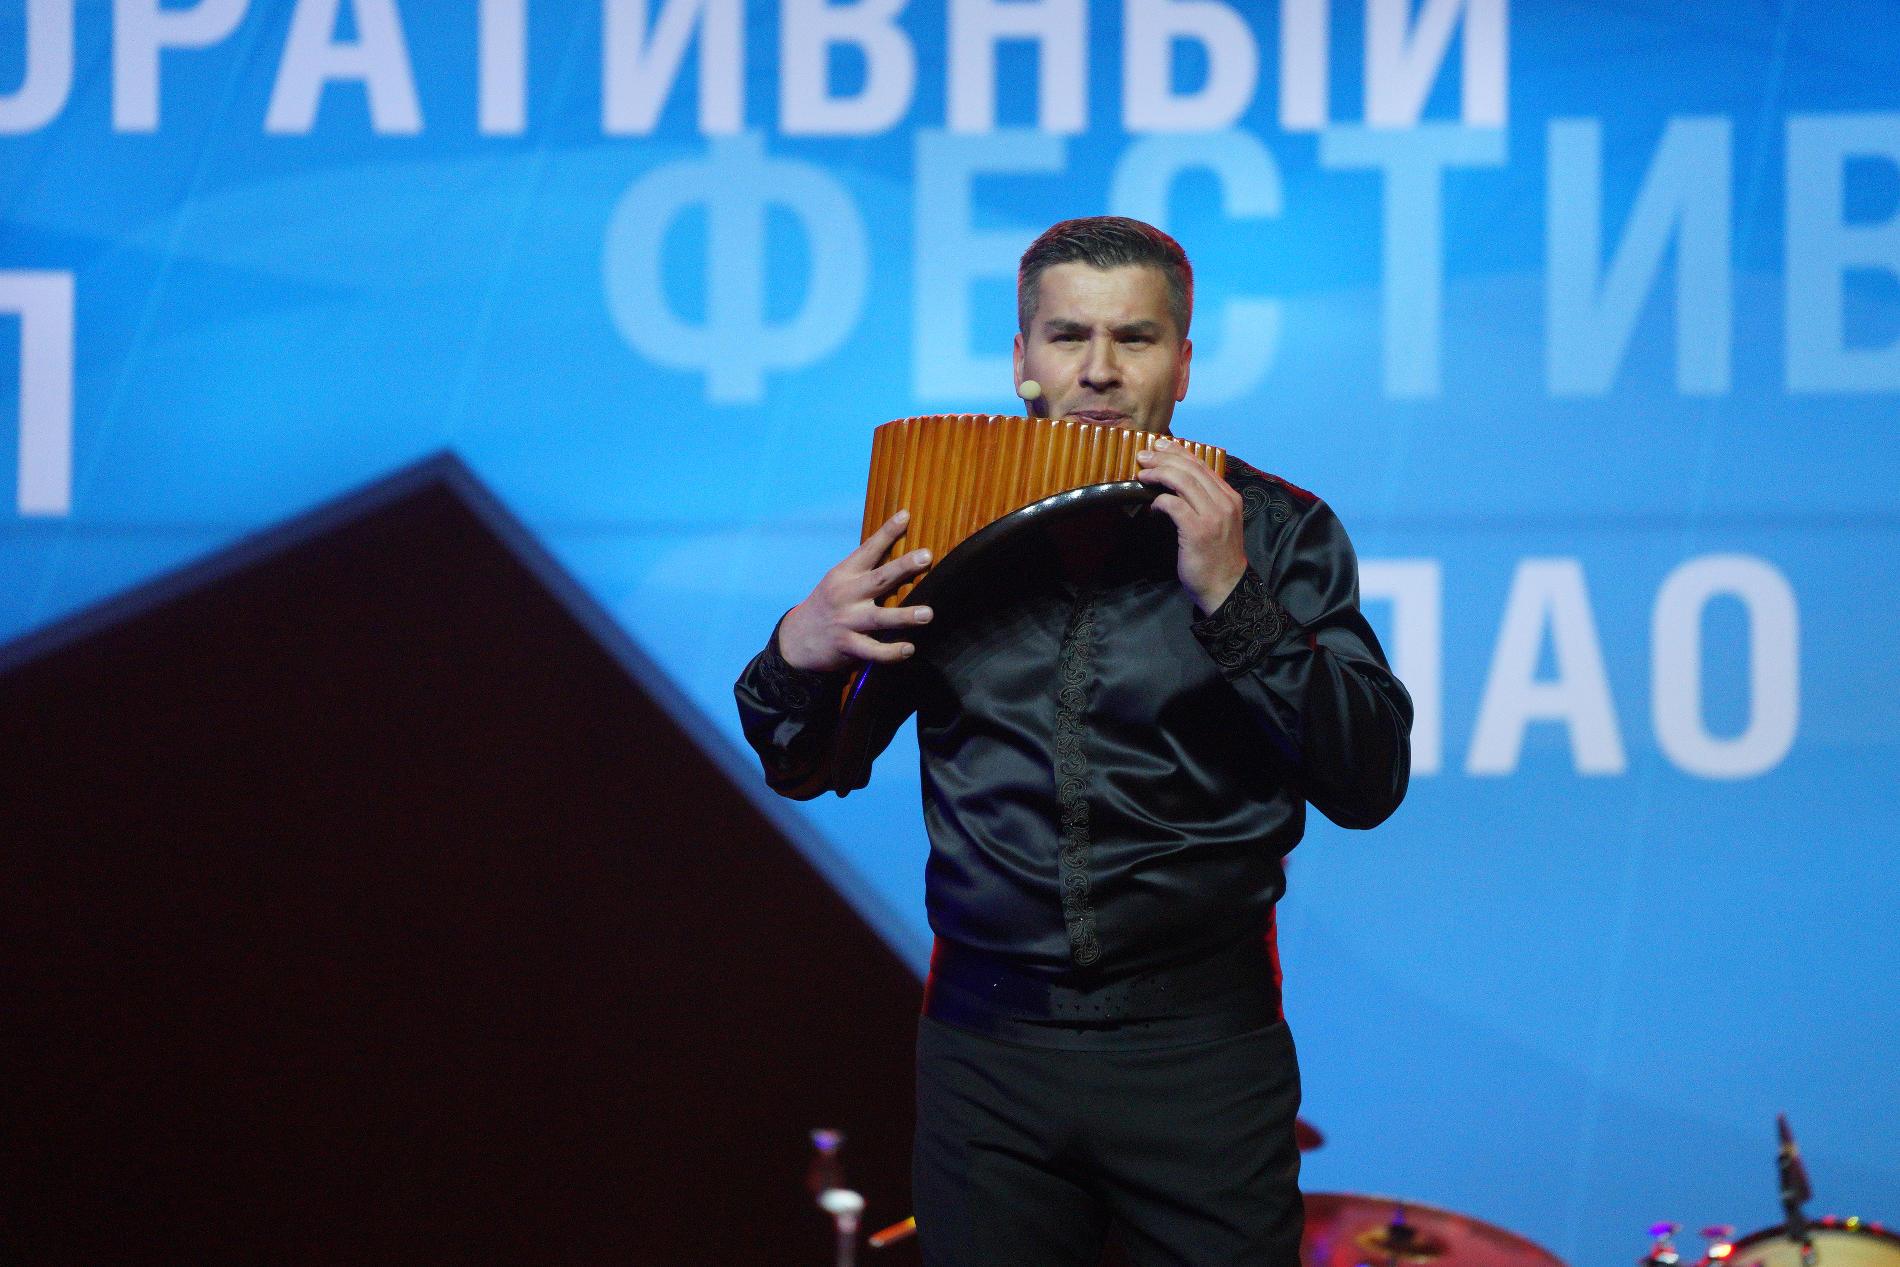 Вячеслав Змеу, инструмент панфлейта